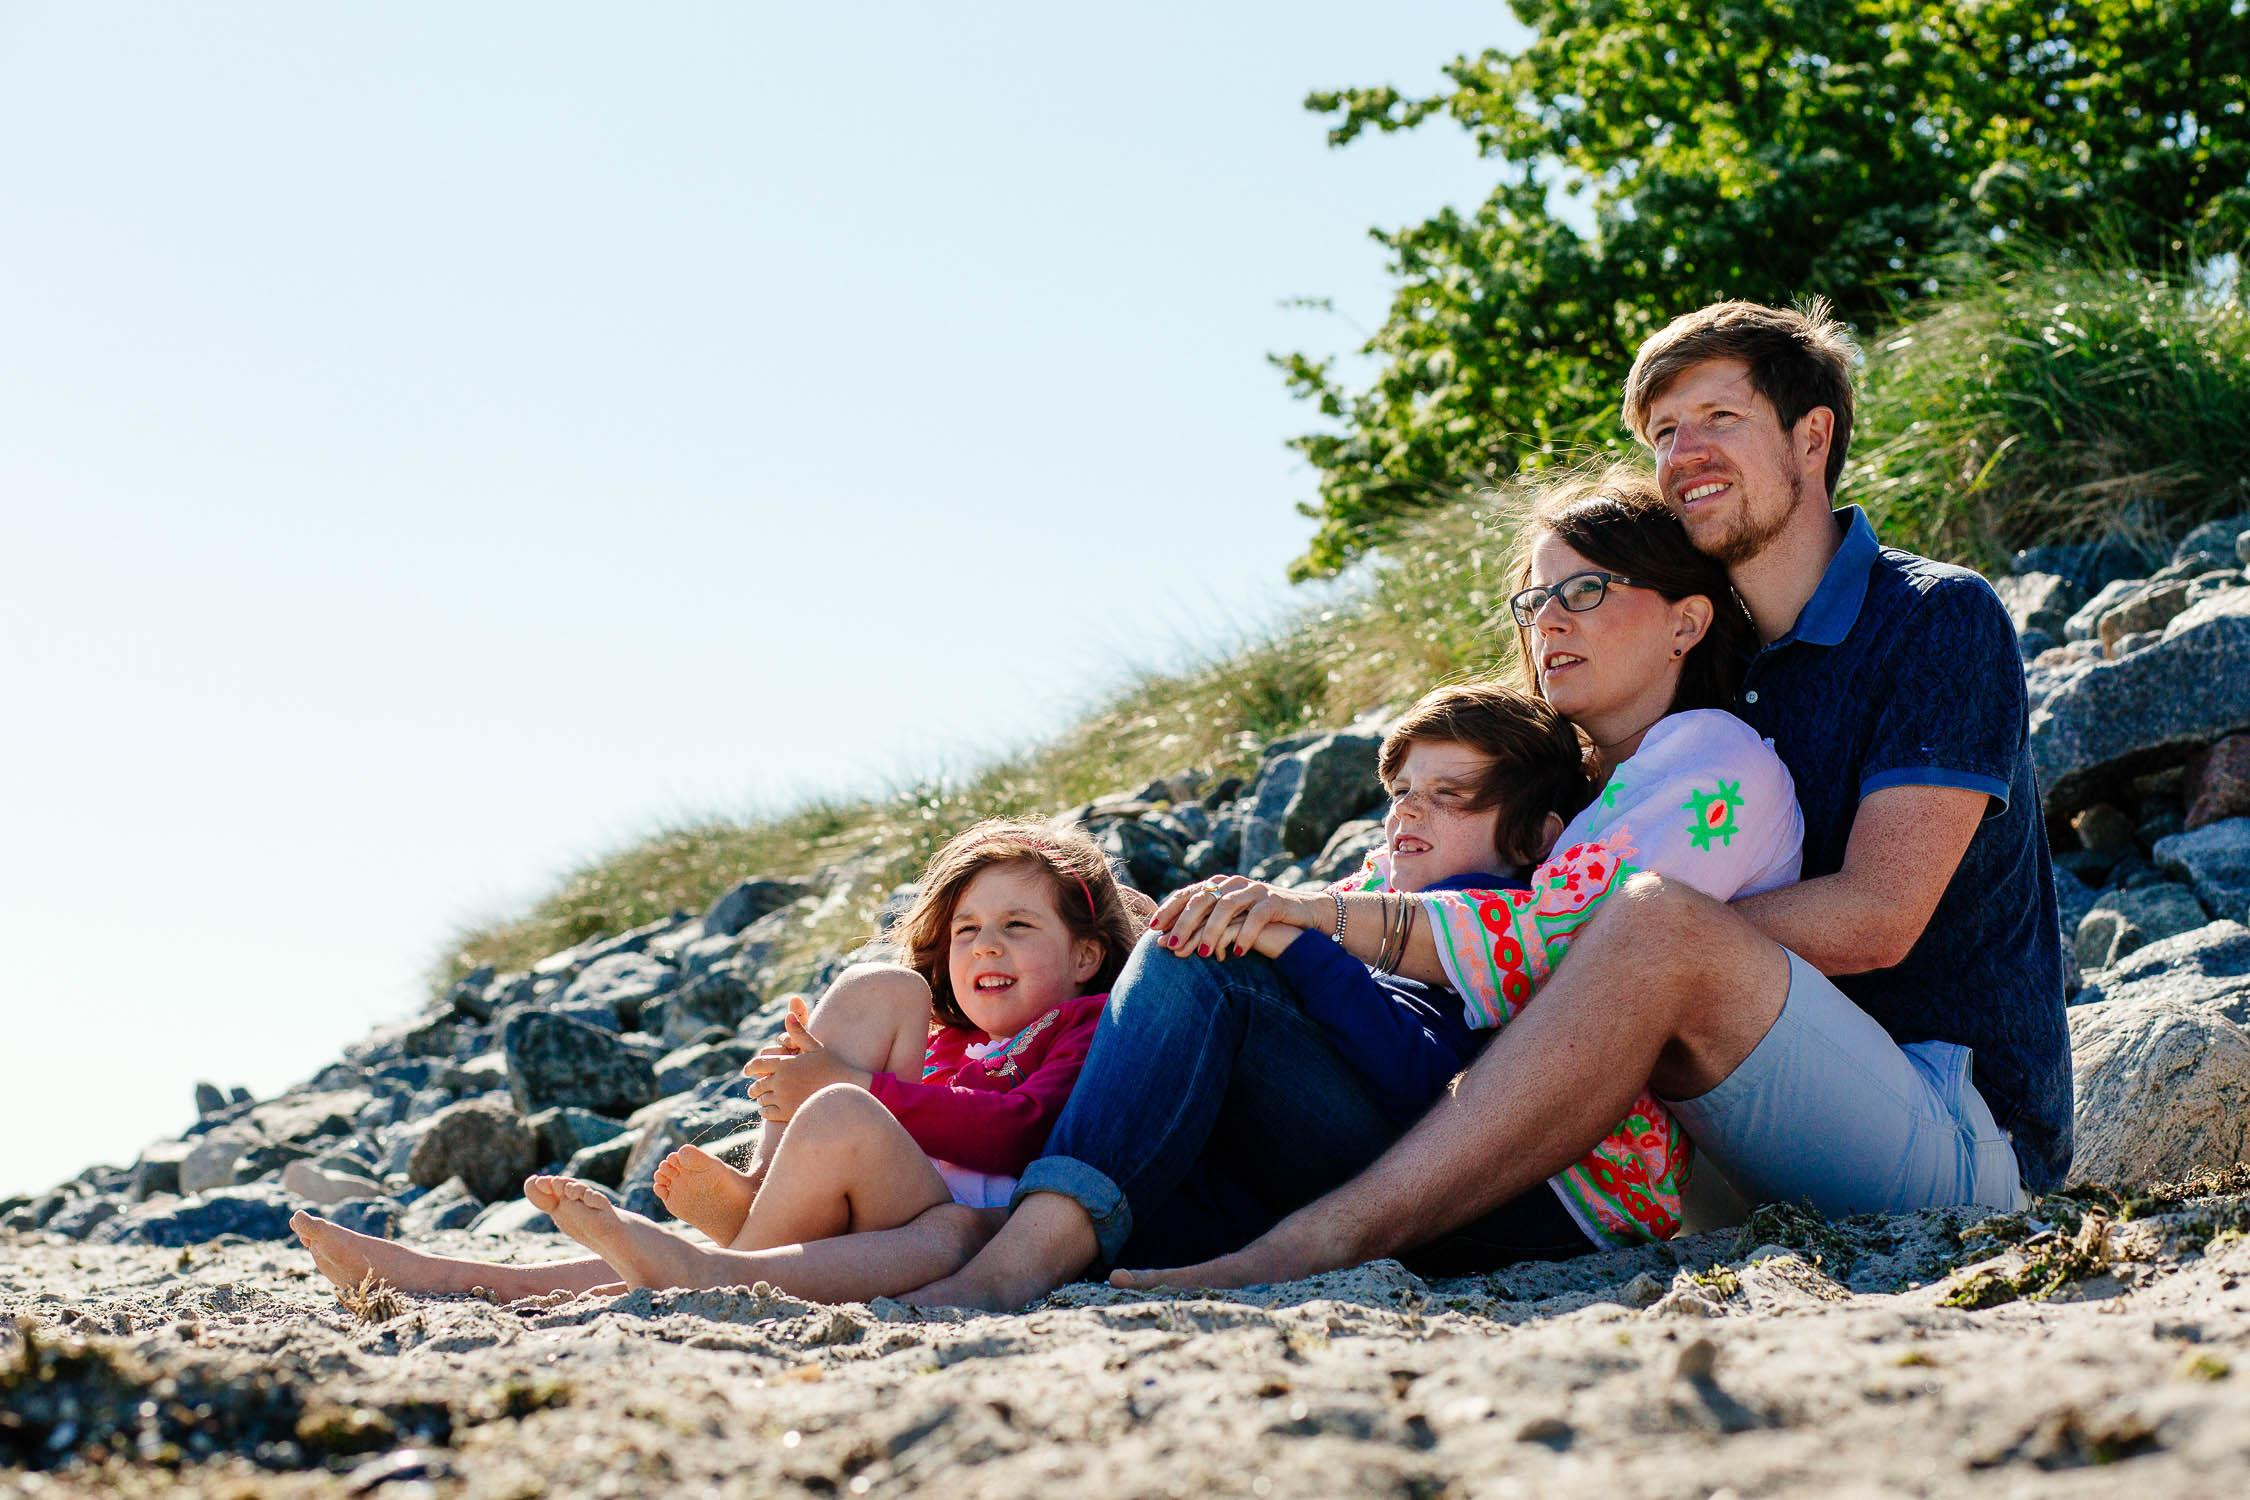 Familien Fotoshooting in Pelzerhaken 40